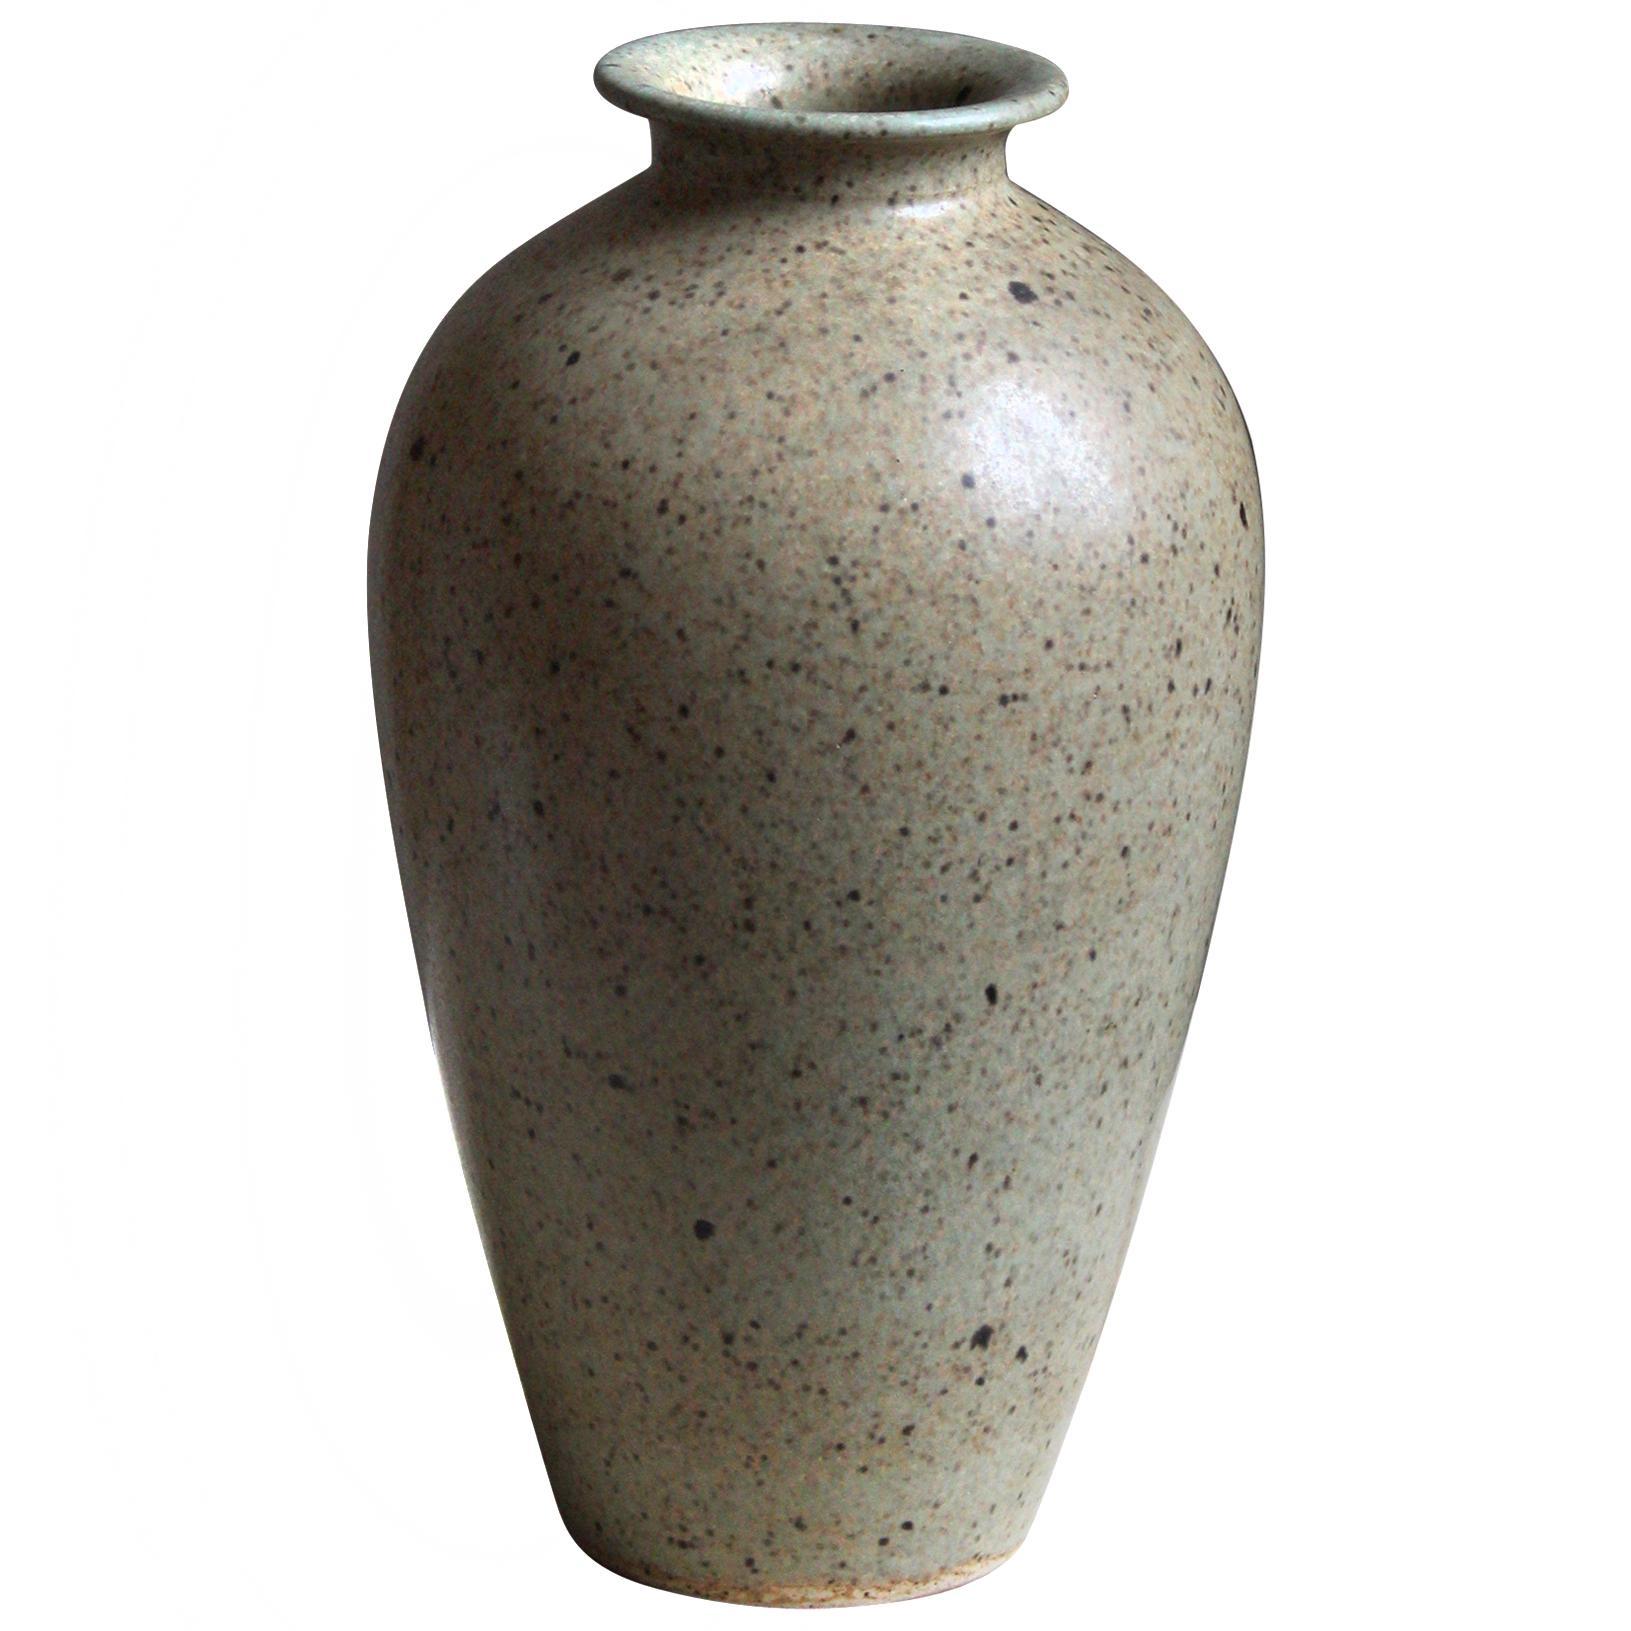 Höganäs Keramik, Vase, Grey Beige Glazed Stoneware, Sweden, 1960s